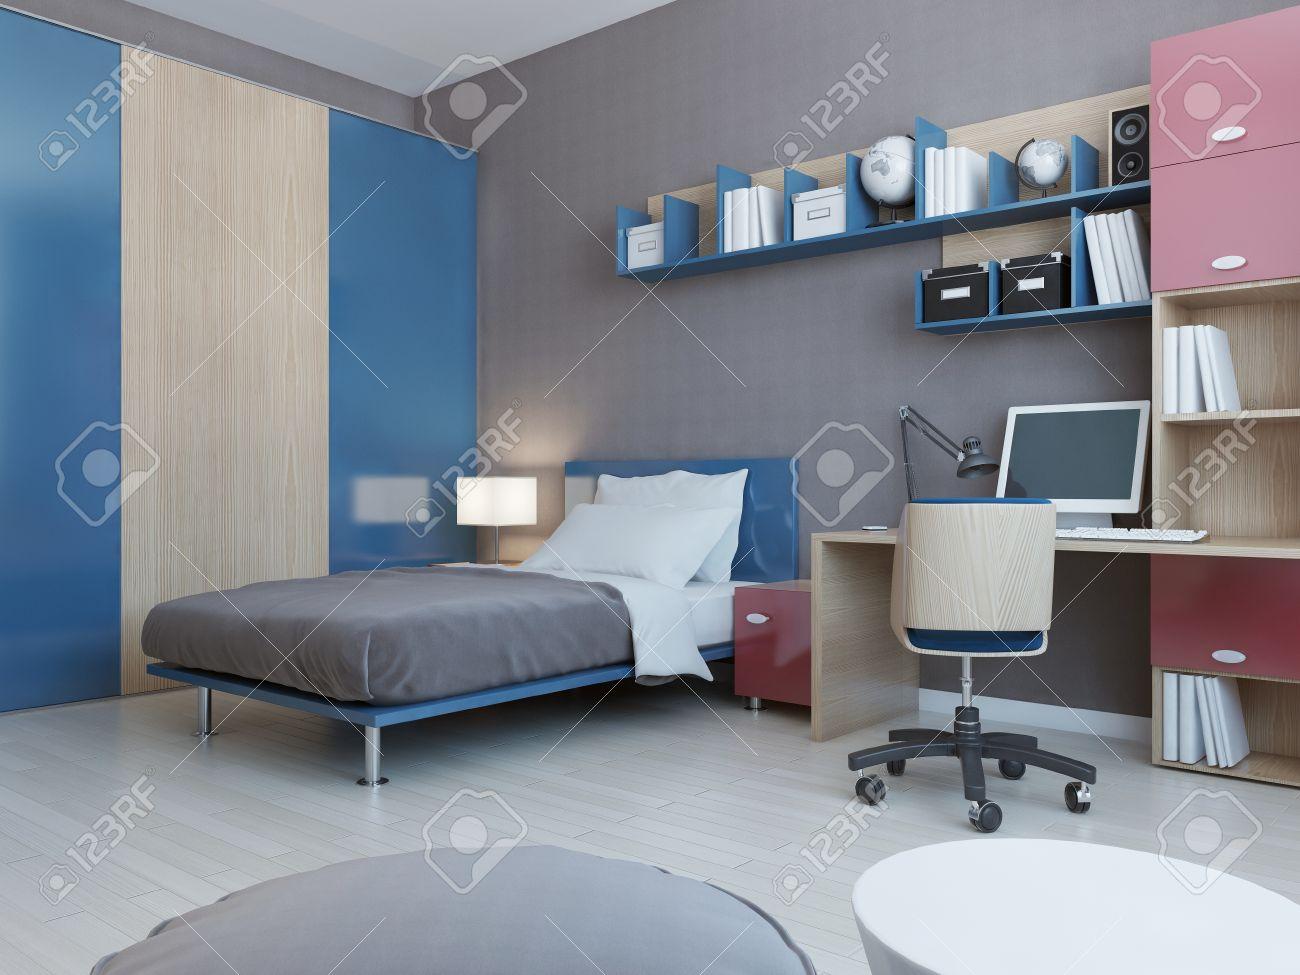 Full Size of Zimmer Teenager Ansicht Von In Roten Und Blauen Farben Hellgrau Fürs Wohnzimmer Wandleuchte Schlafzimmer Board Wandtattoo Vorhänge Joop Weißes Kosten Wohnzimmer Zimmer Teenager